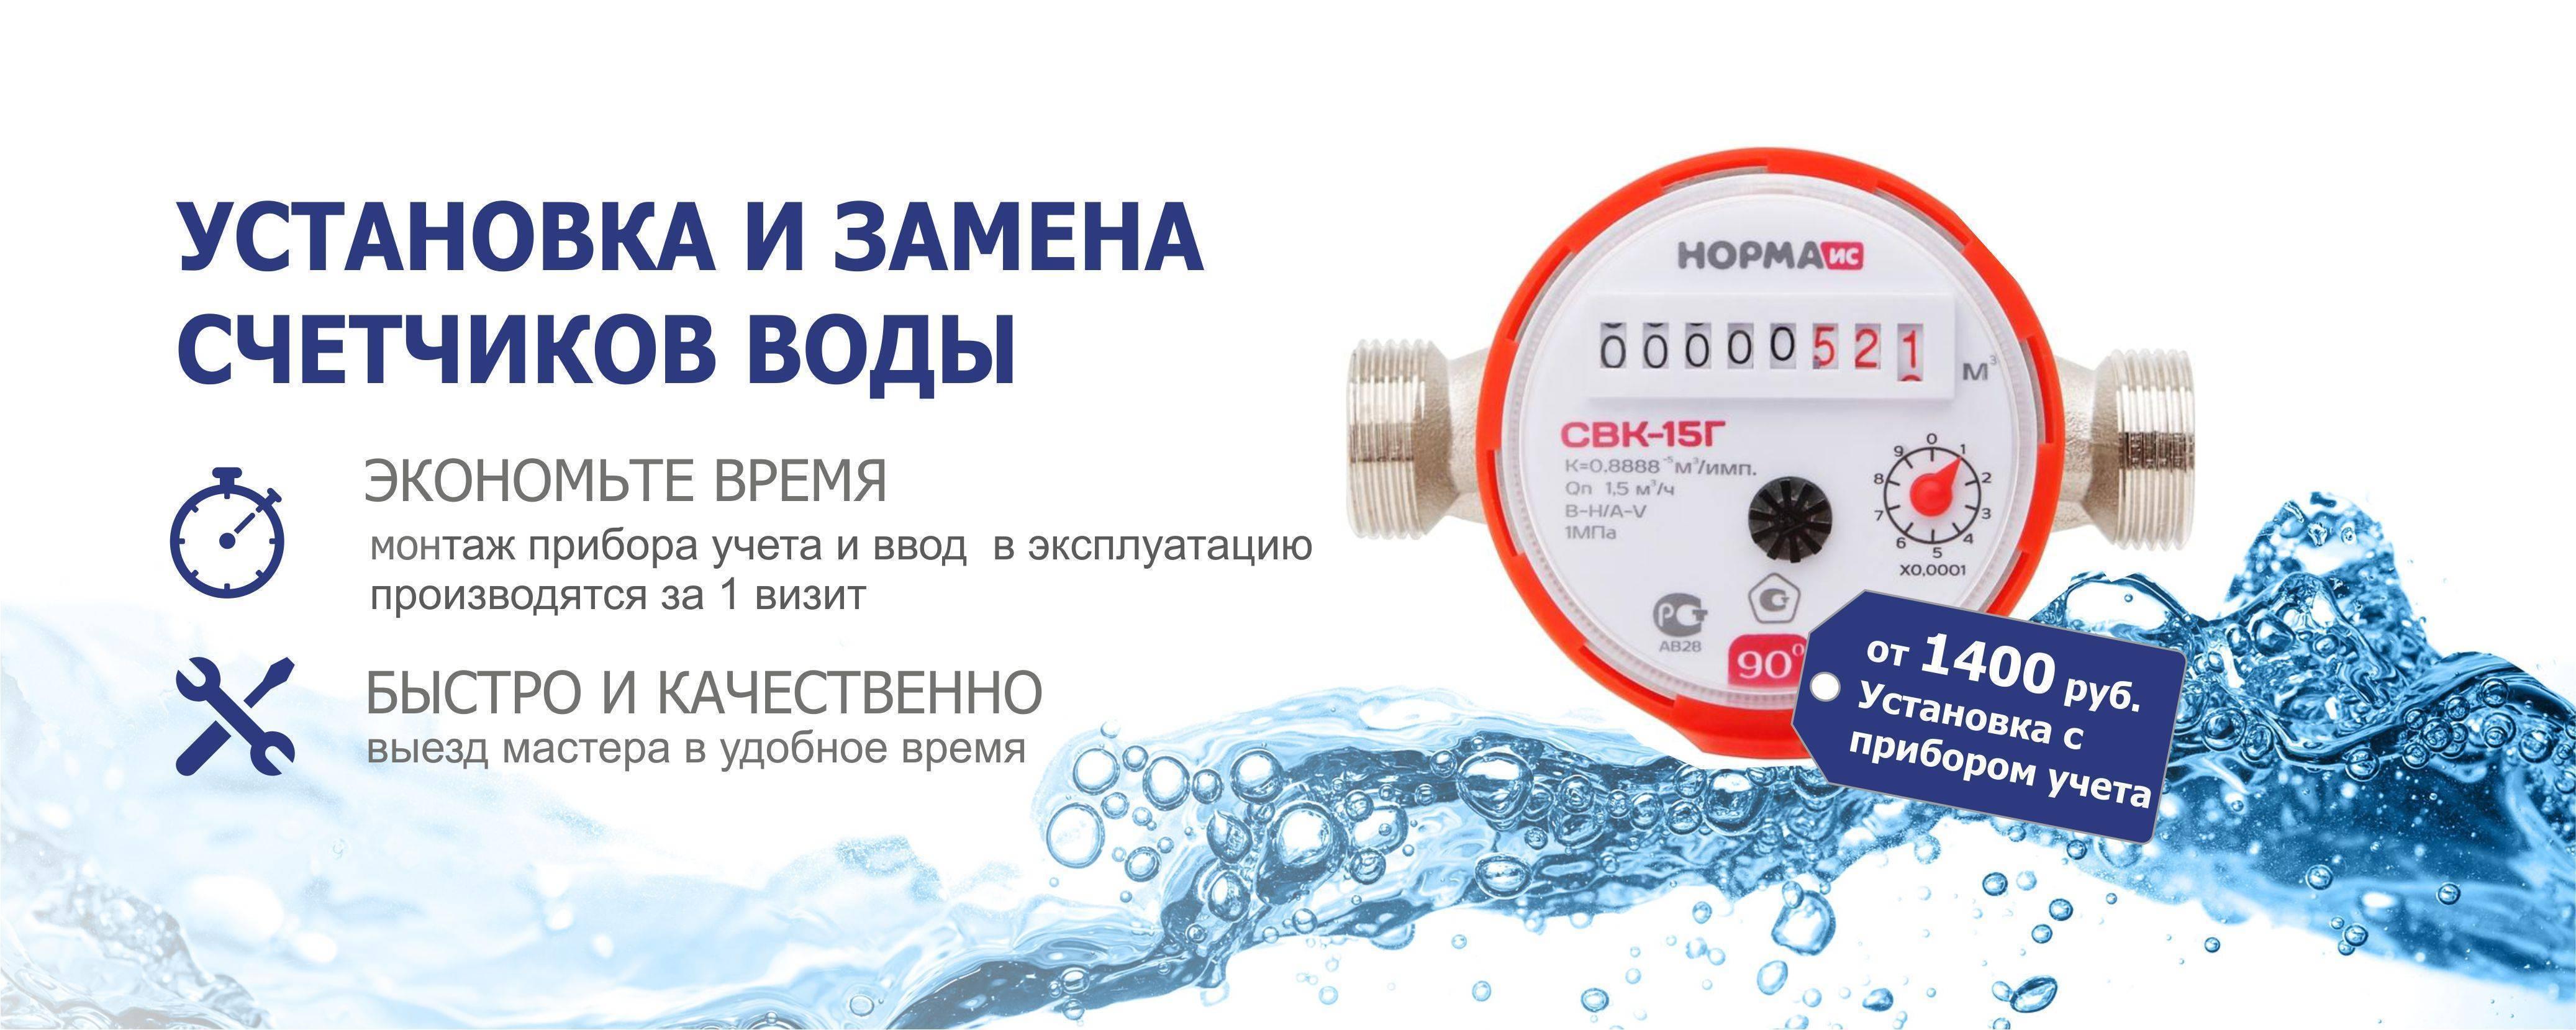 Как экономить воду в квартире со счётчиком: законные способы